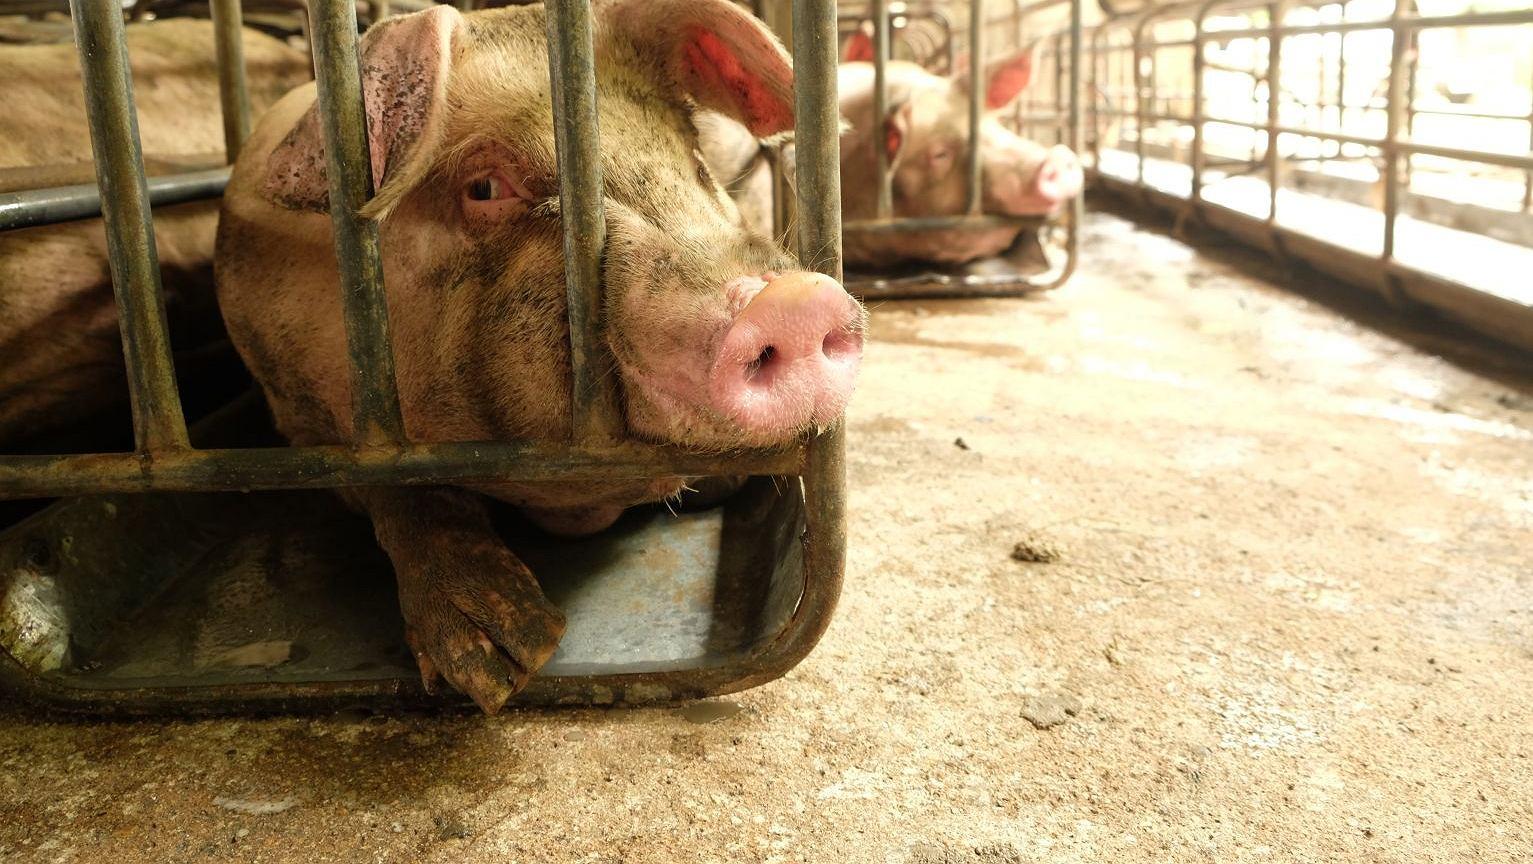 70 proc. produkowanych antybiotyków jest przeznaczone dla zwierząt hodowlanych